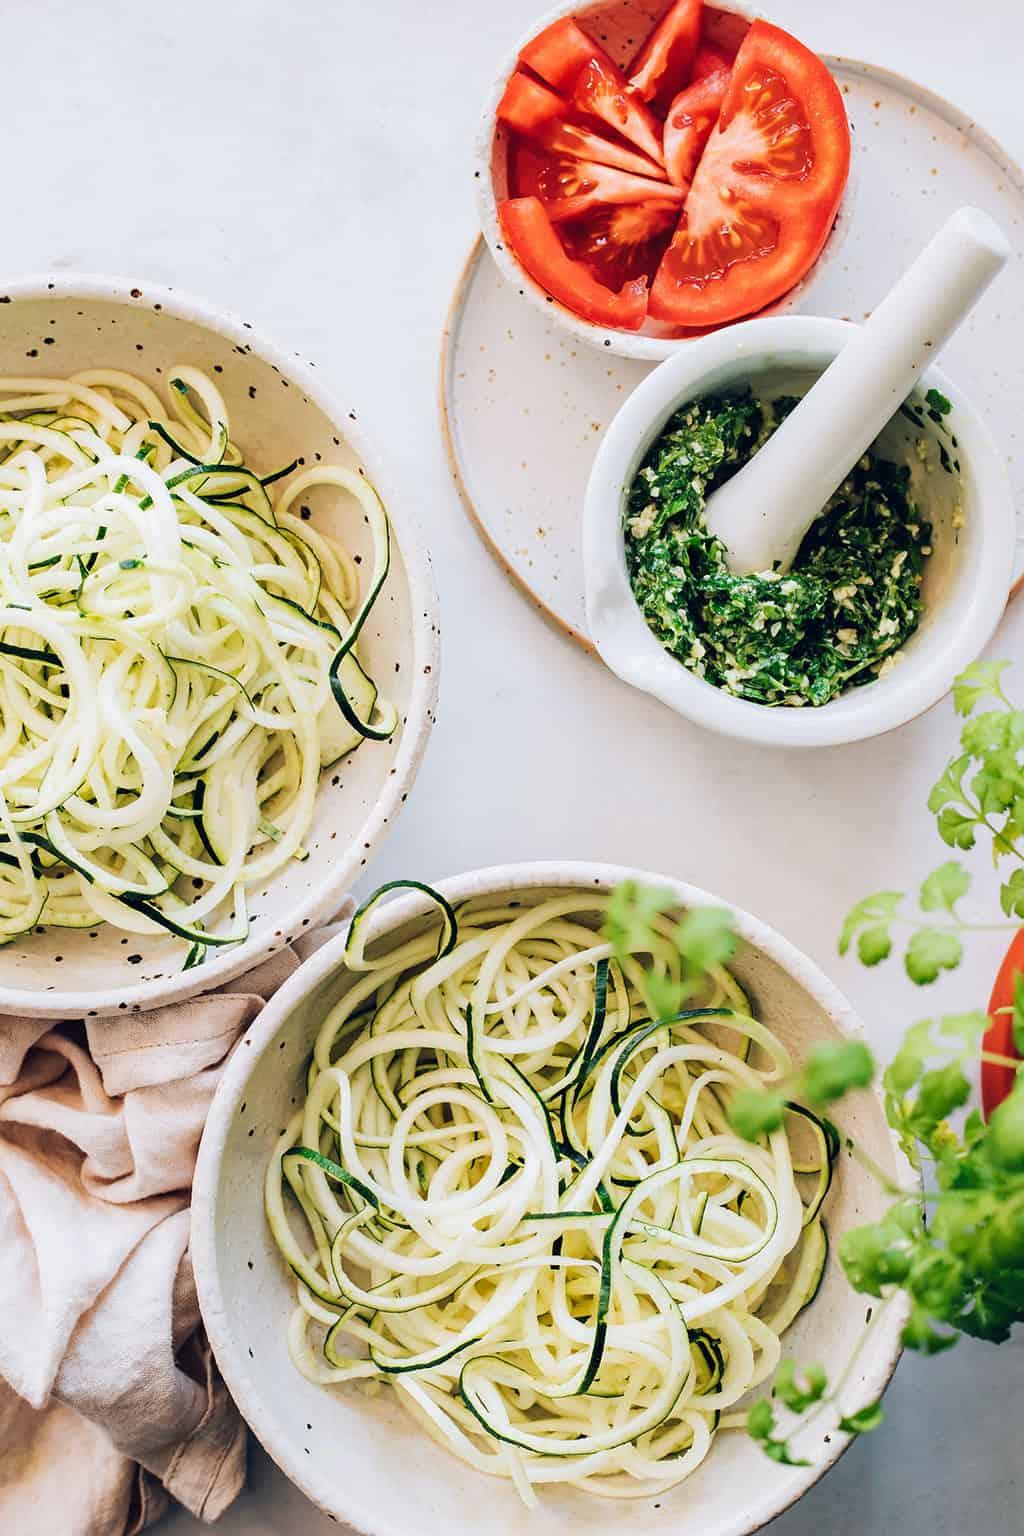 How to make zucchini noodles for Cilantro Pesto Pasta